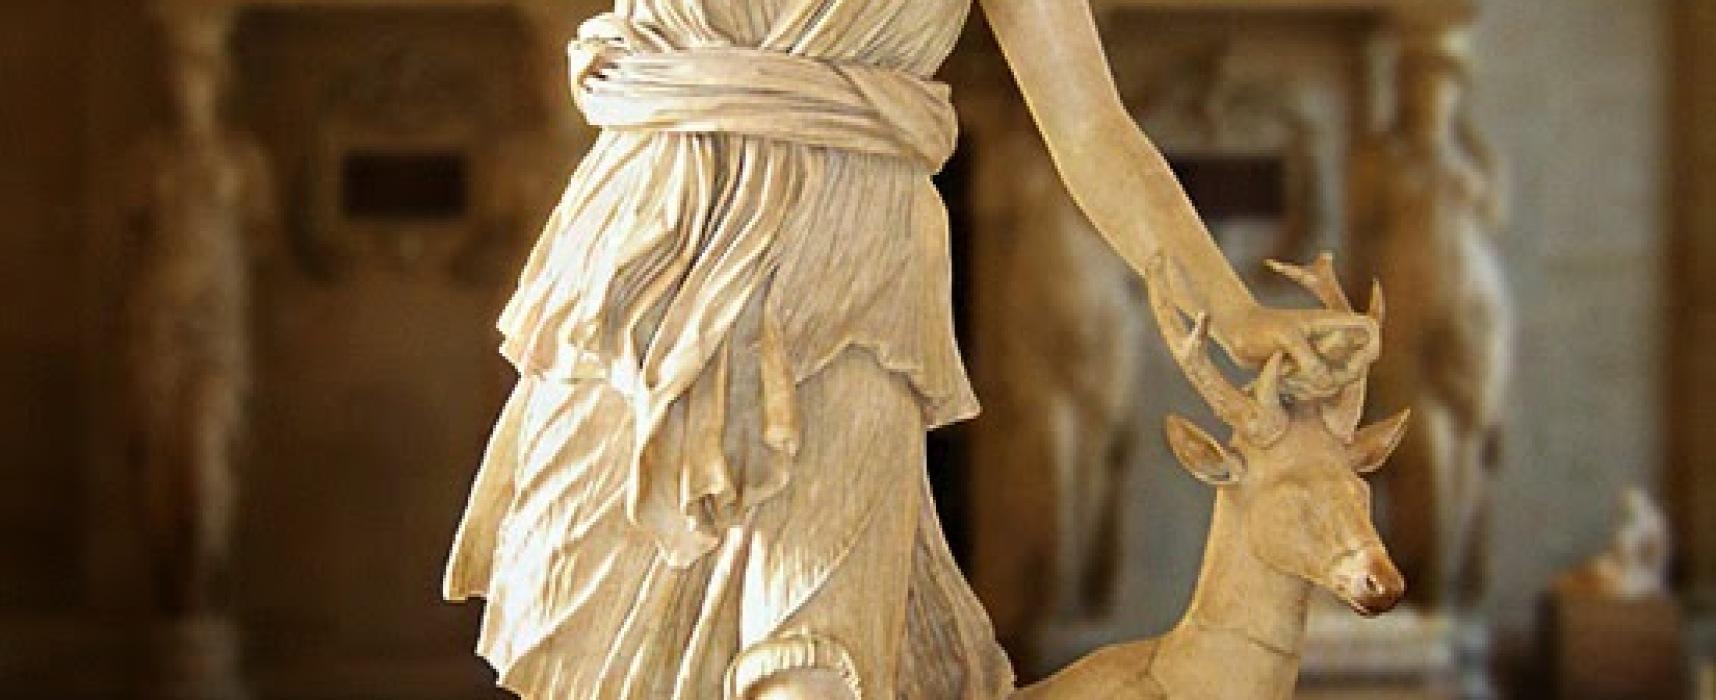 Nell'Antica Roma, 26-31 Maggio: Feste in onore di Diana Saecular